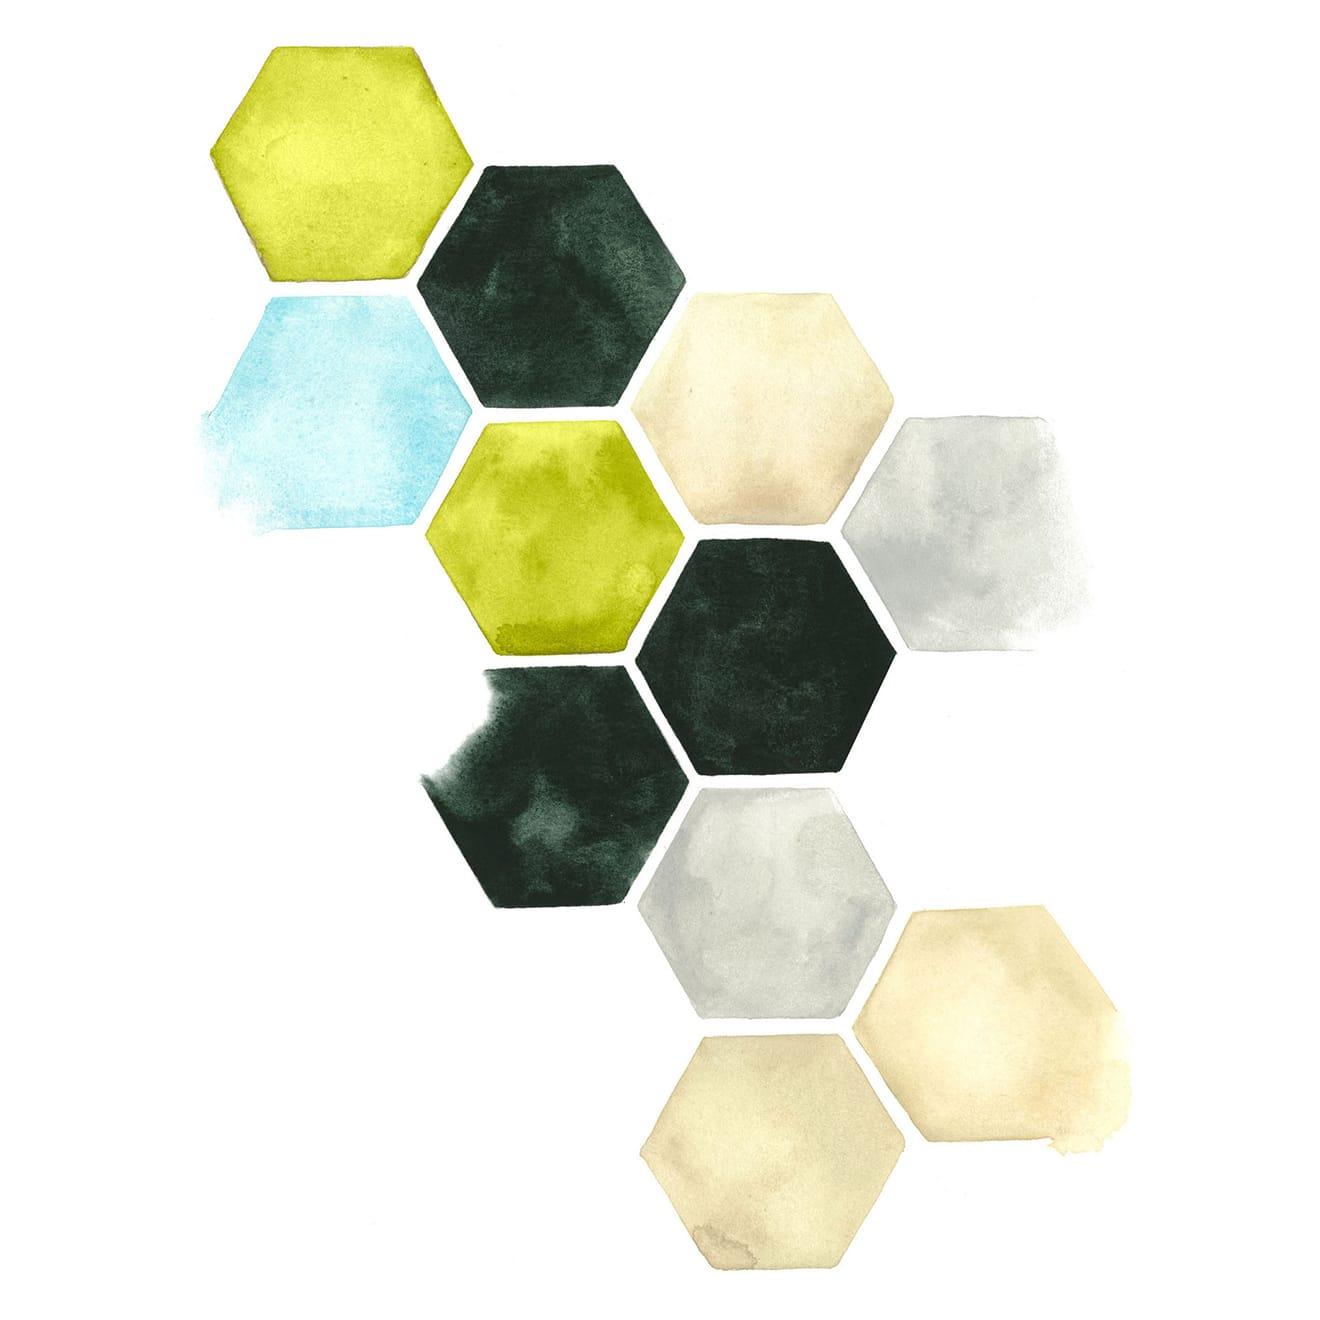 Hazed Honeycomb II by Grace Popp